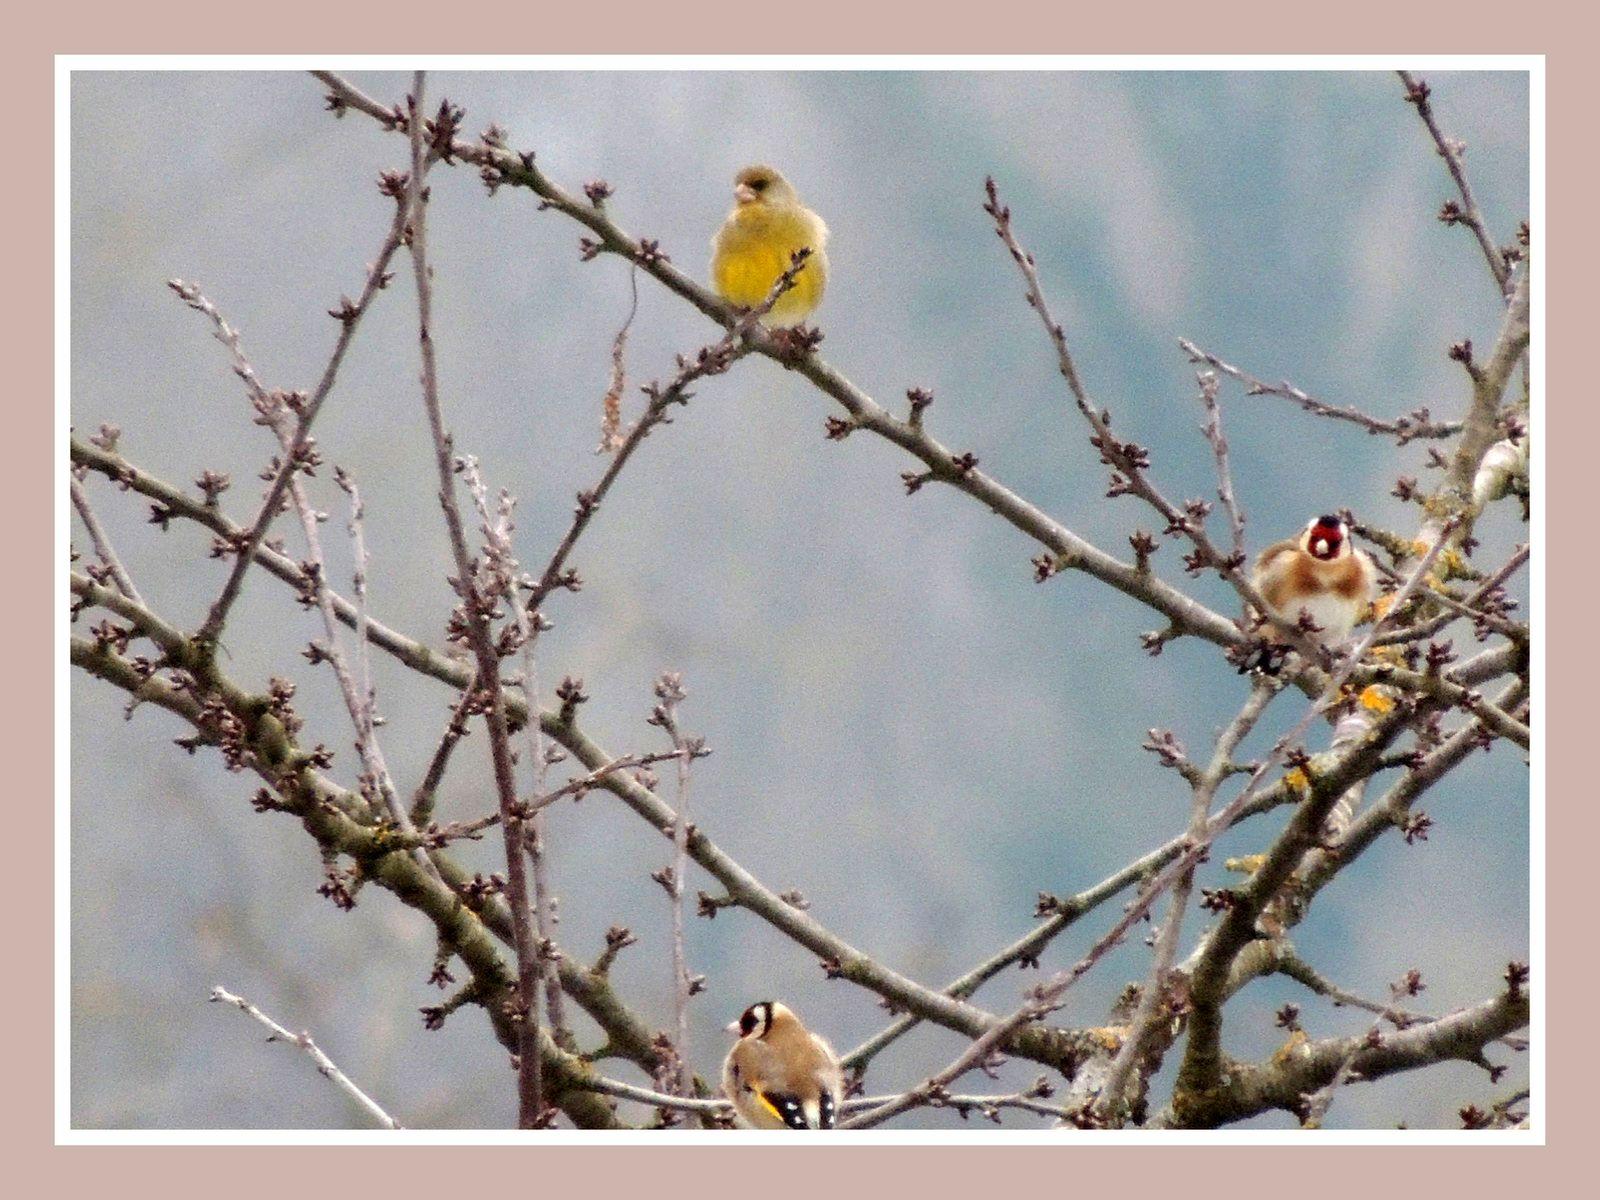 Fonds D'écran Gratuits.oiseaux De Nos Jardins.par Jipé - Le encequiconcerne Images D Oiseaux Gratuites